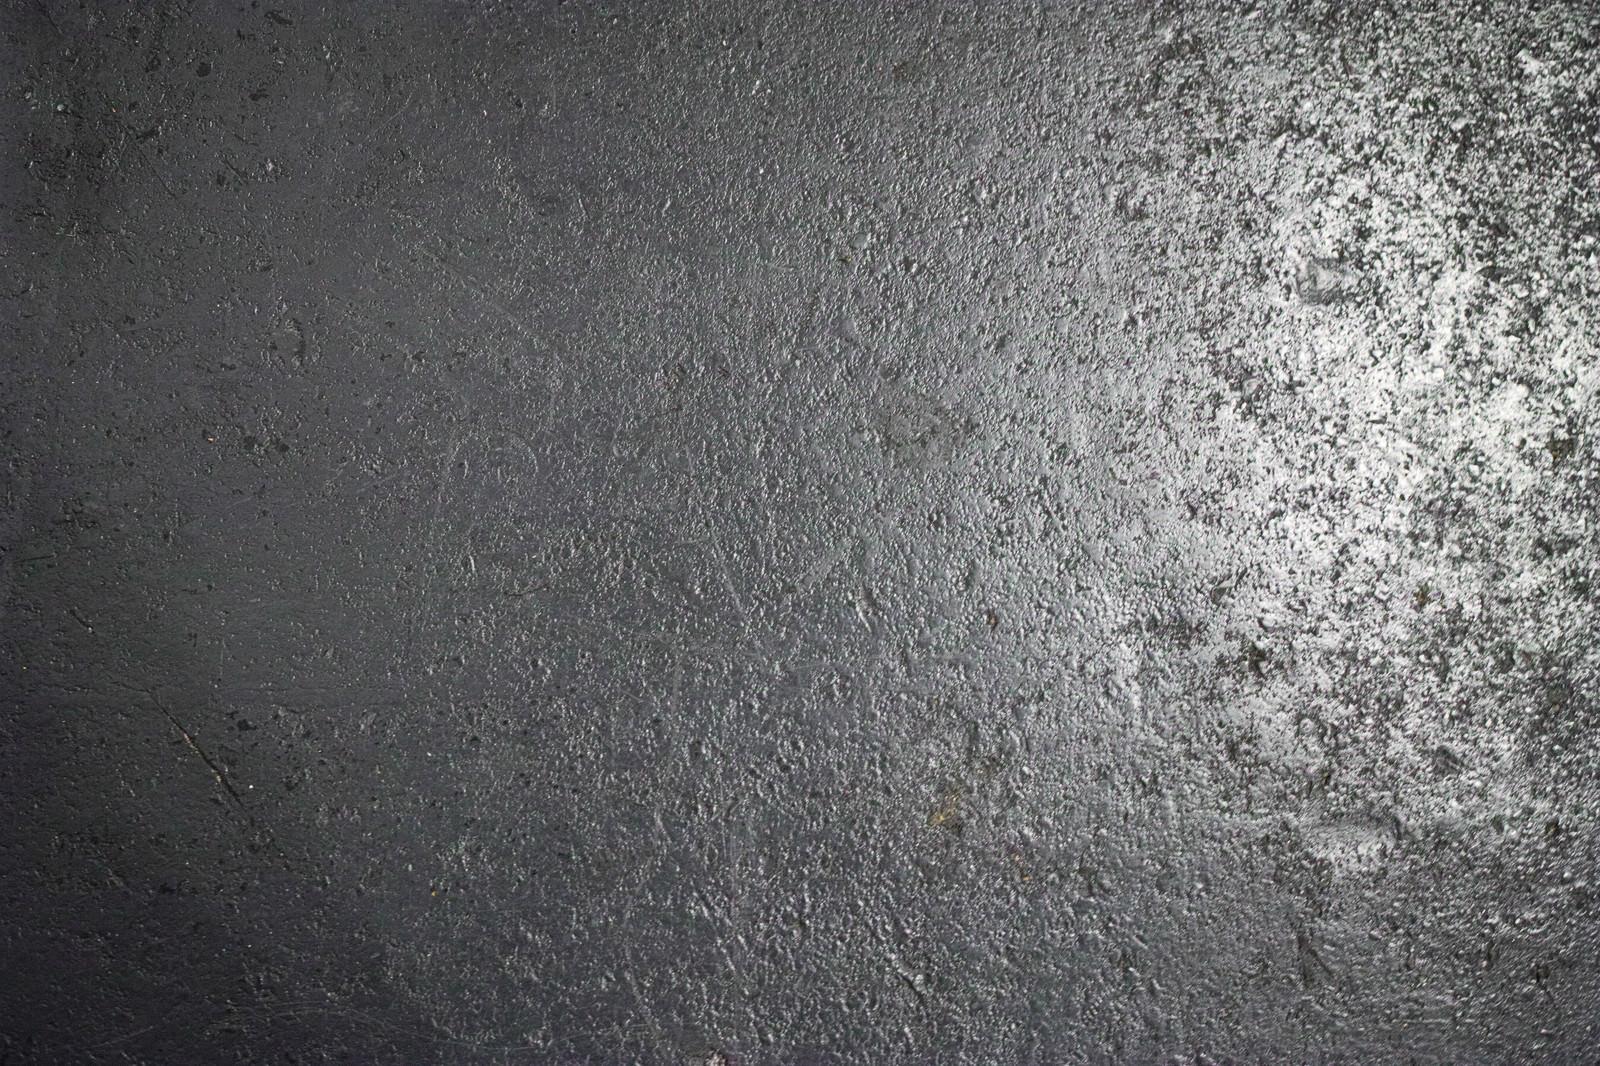 「灰色のペンキで塗装された壁(テクスチャ)」の写真